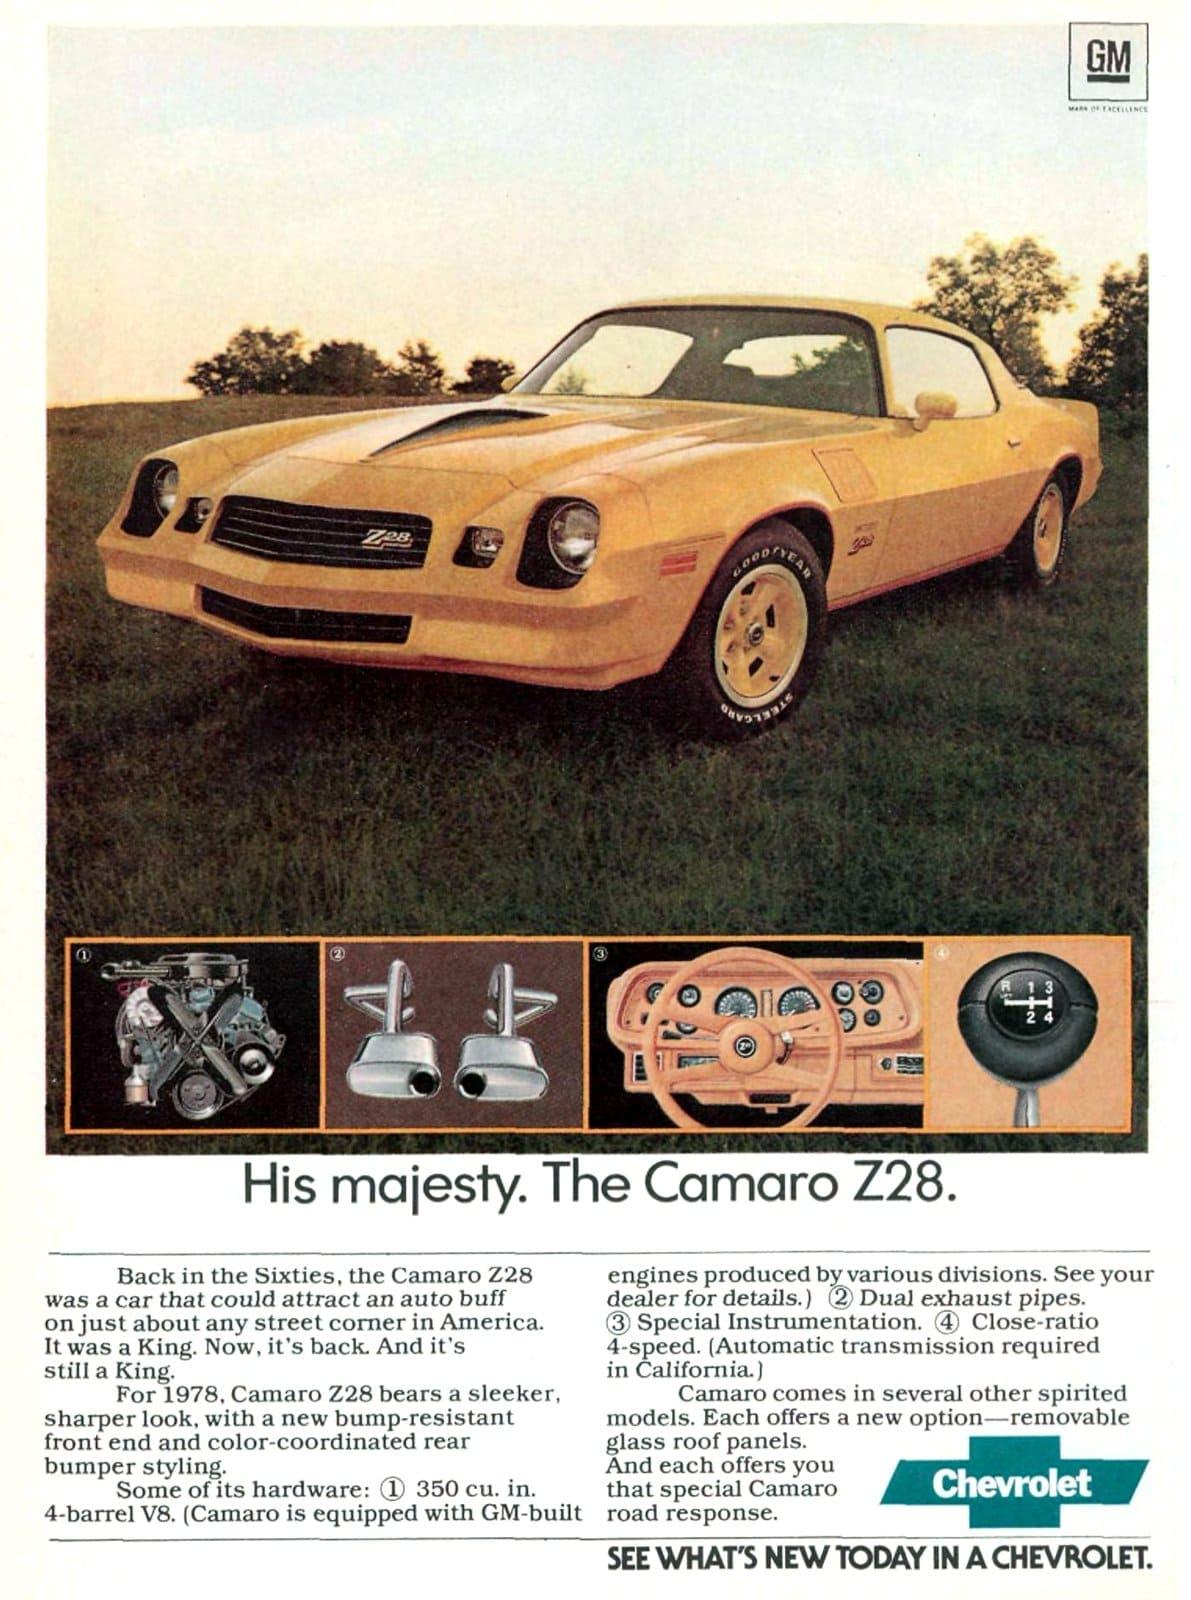 1978 Camaro Z28